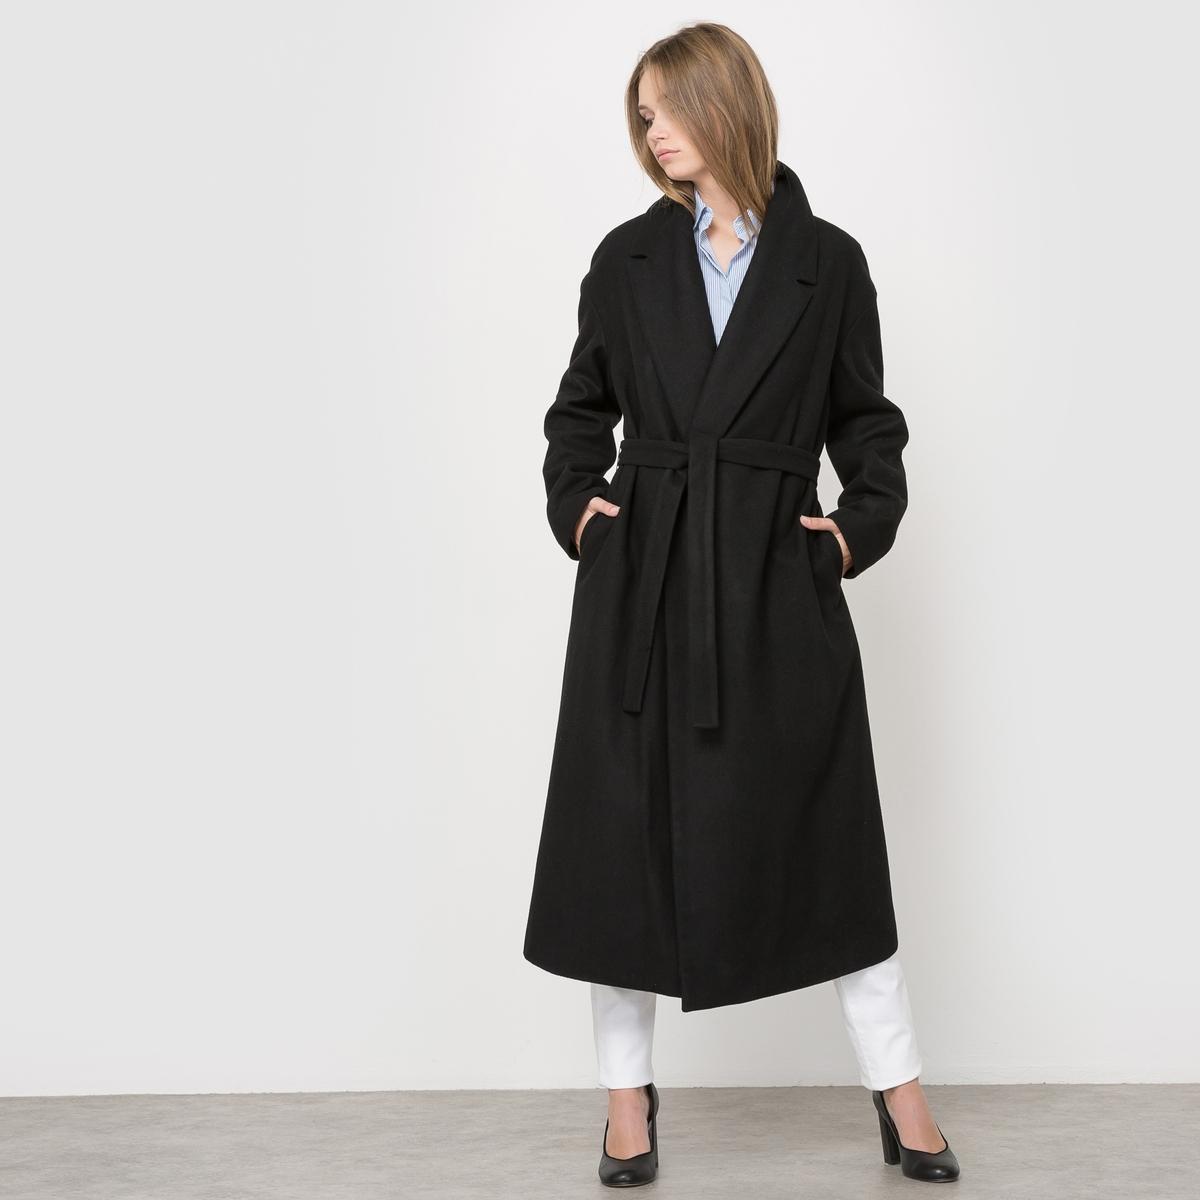 Пальто длинное без застежки с поясомДлинное пальто без застежки с поясом, свободного покроя. Пояс со шлевками. Приспущенные проймы. Карманы по бокам.Состав и описание:Материал бежевого цвета: 60% шерсти, 40% полиэстера.Материал черного цвета: 56% шерсти, 34% полиэстера, 5% полиамида,                                    5% других волокон.Подкладка: 100% полиэстера.Длина: 120 см.Марка: R essentiel.   Уход:Стирка запрещена.Только сухая чистка.Гладить на низкой температуре.<br><br>Цвет: черный<br>Размер: 46 (FR) - 52 (RUS).50 (FR) - 56 (RUS).42 (FR) - 48 (RUS)